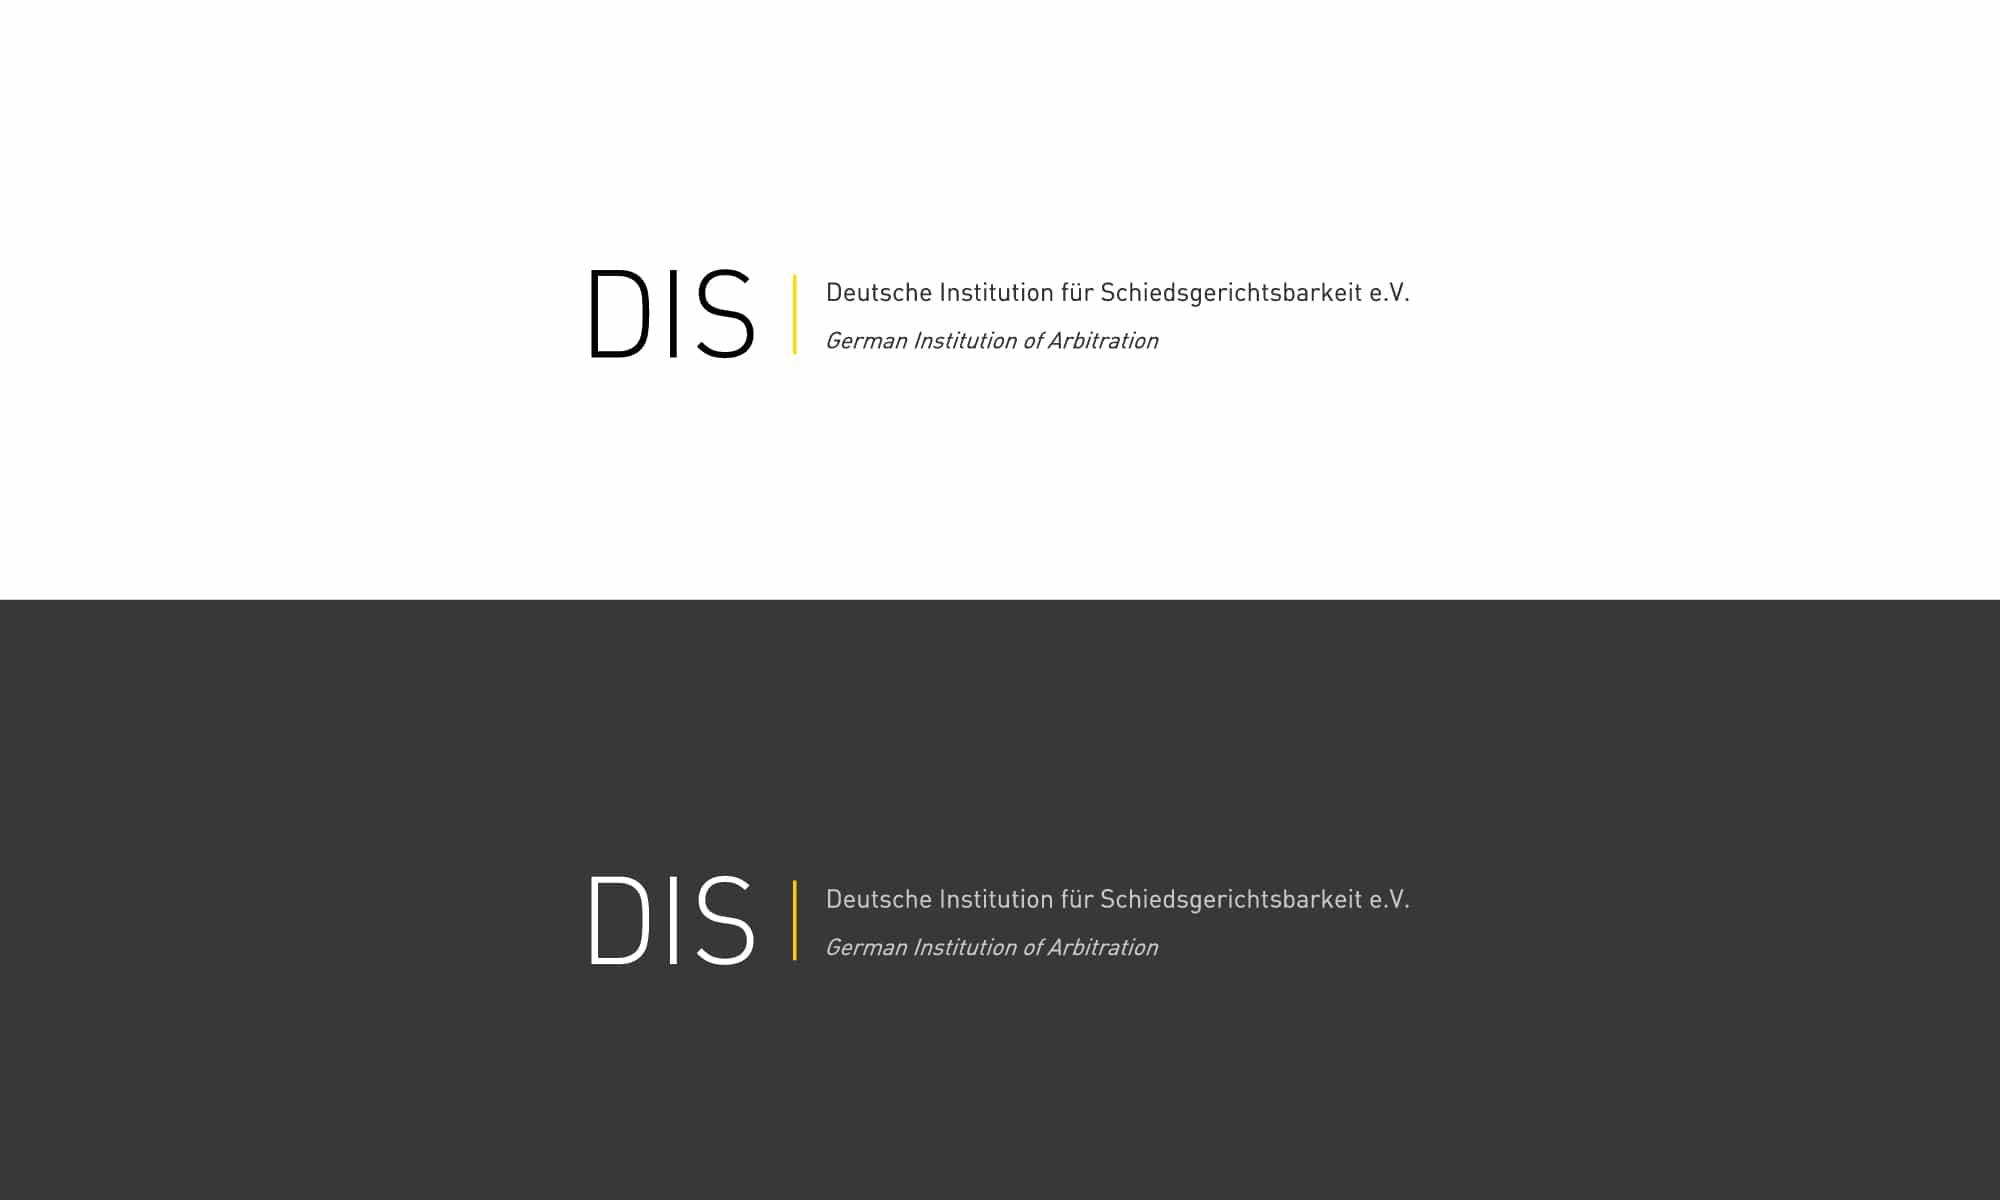 DIS Deutsche Institution für Schiedsgerichtsbarkeit, Schiedsgerichtsverfahren, arbitration